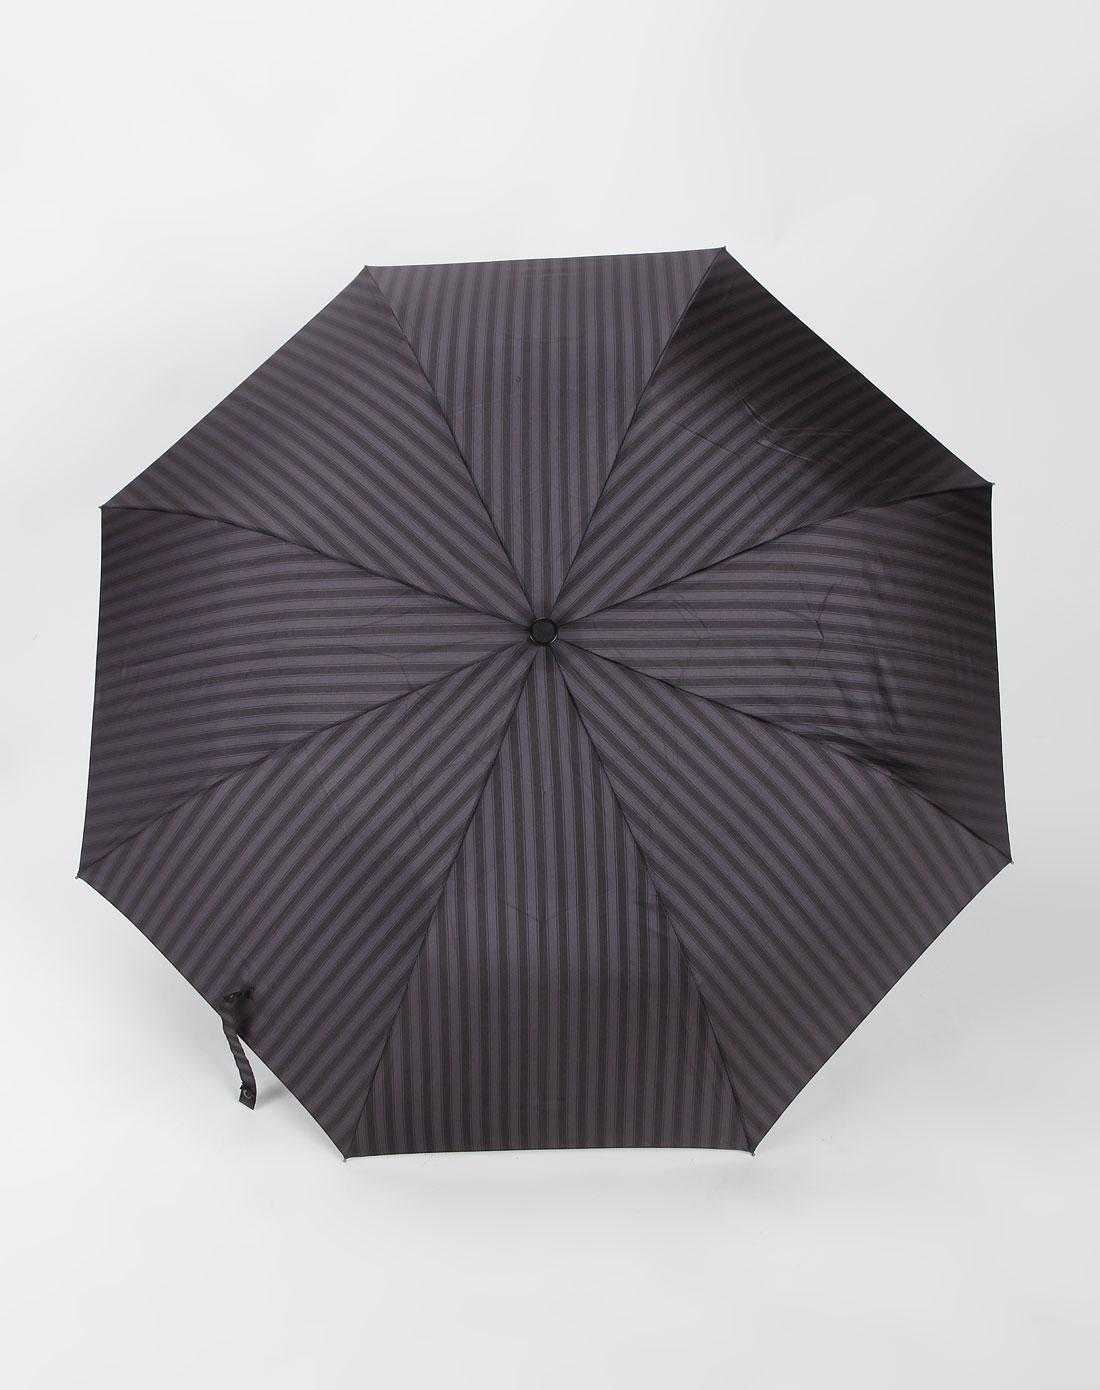 灰色竖条纹防紫外线遮阳伞